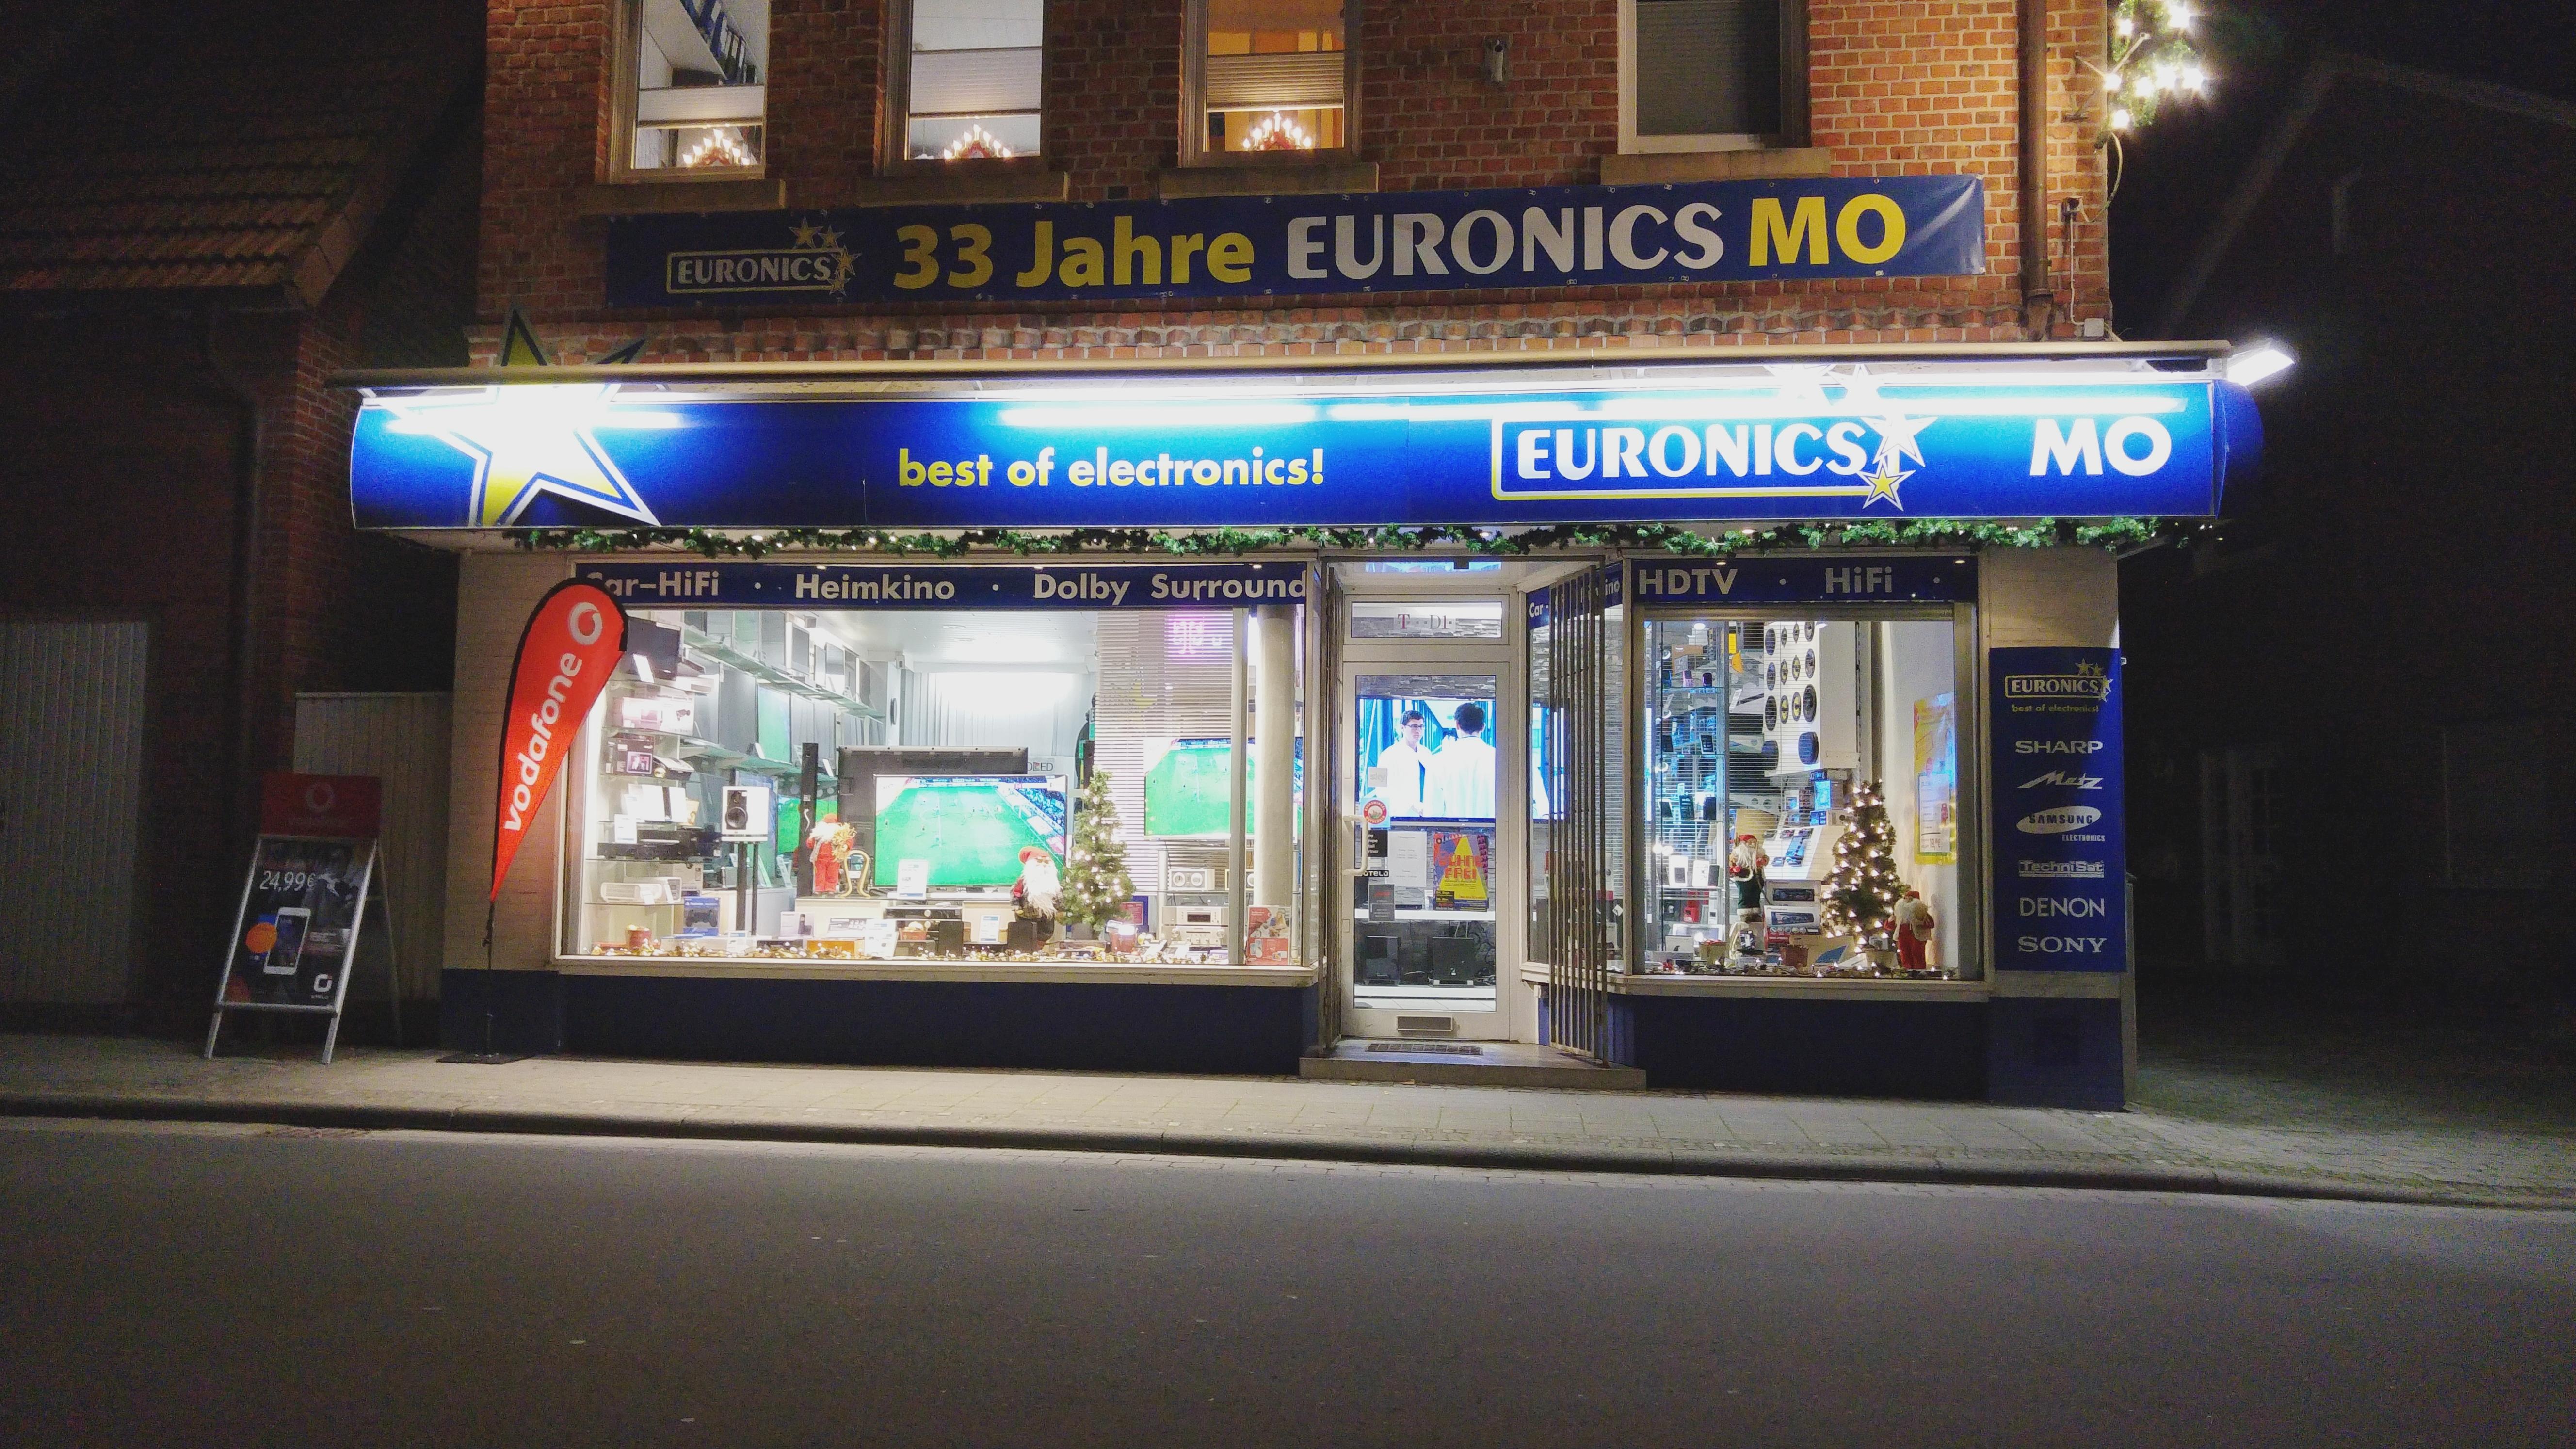 Euronics MO in Everswinkel